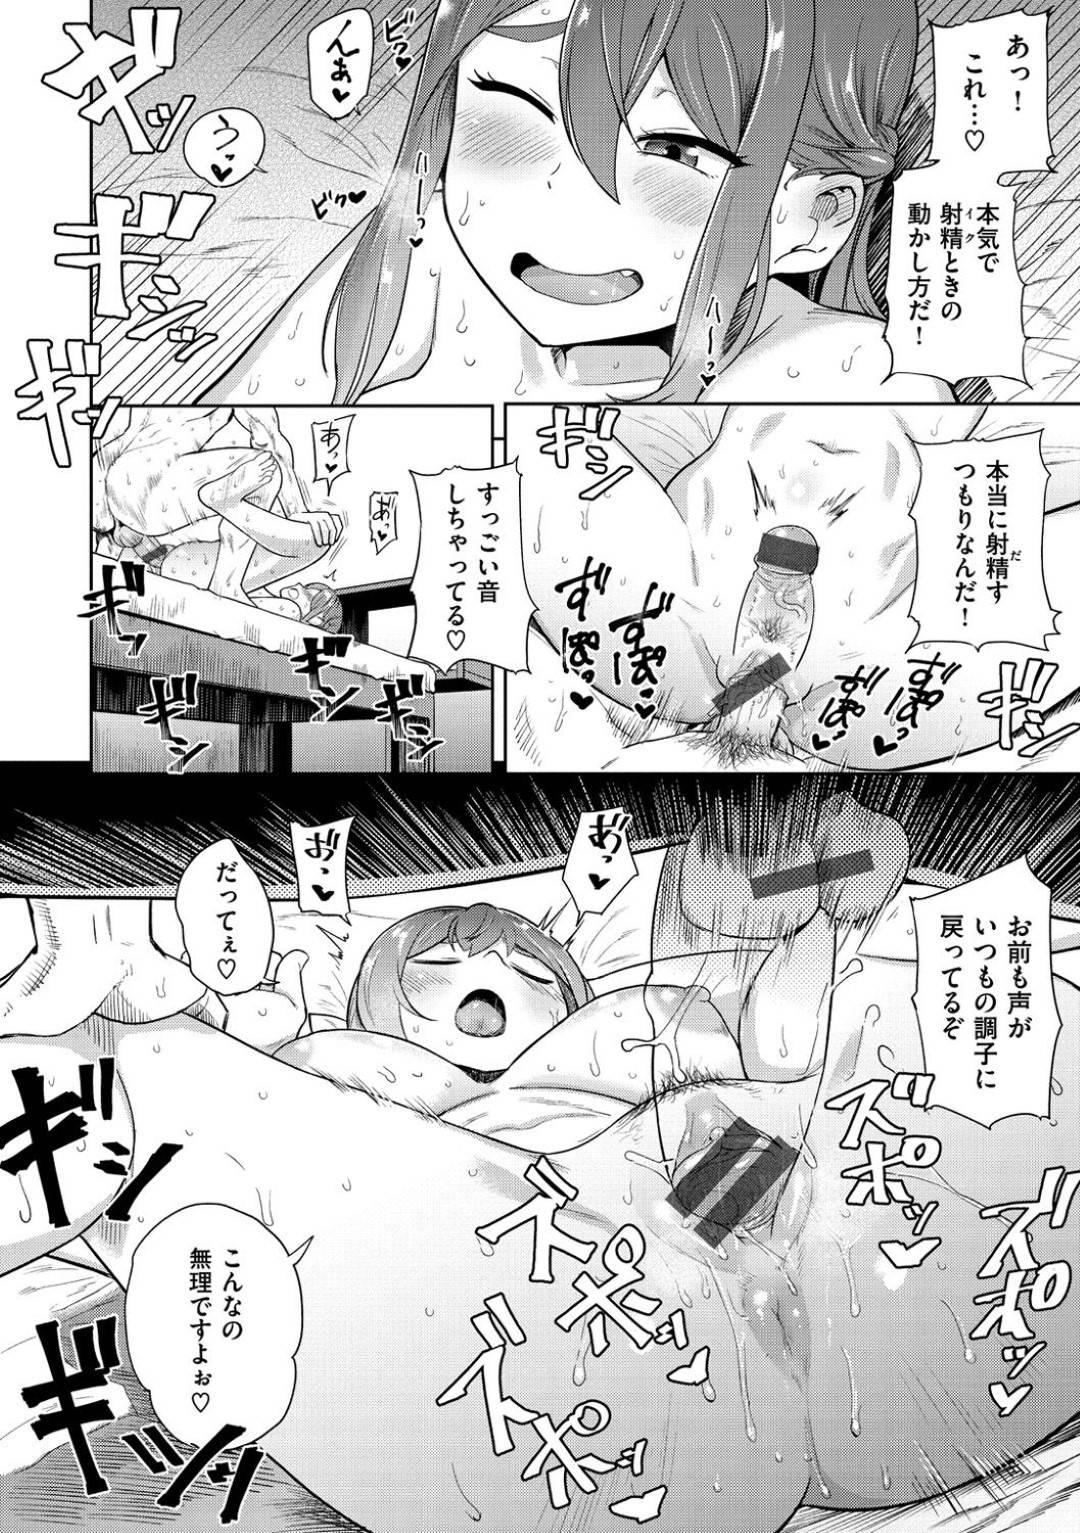 【淫乱お嬢様エロ漫画】竜の家に遊びにきた欲求不満なエロ下着姿のお嬢様は、パイズリや焦らされながら中出しセックス【Beなんとか】